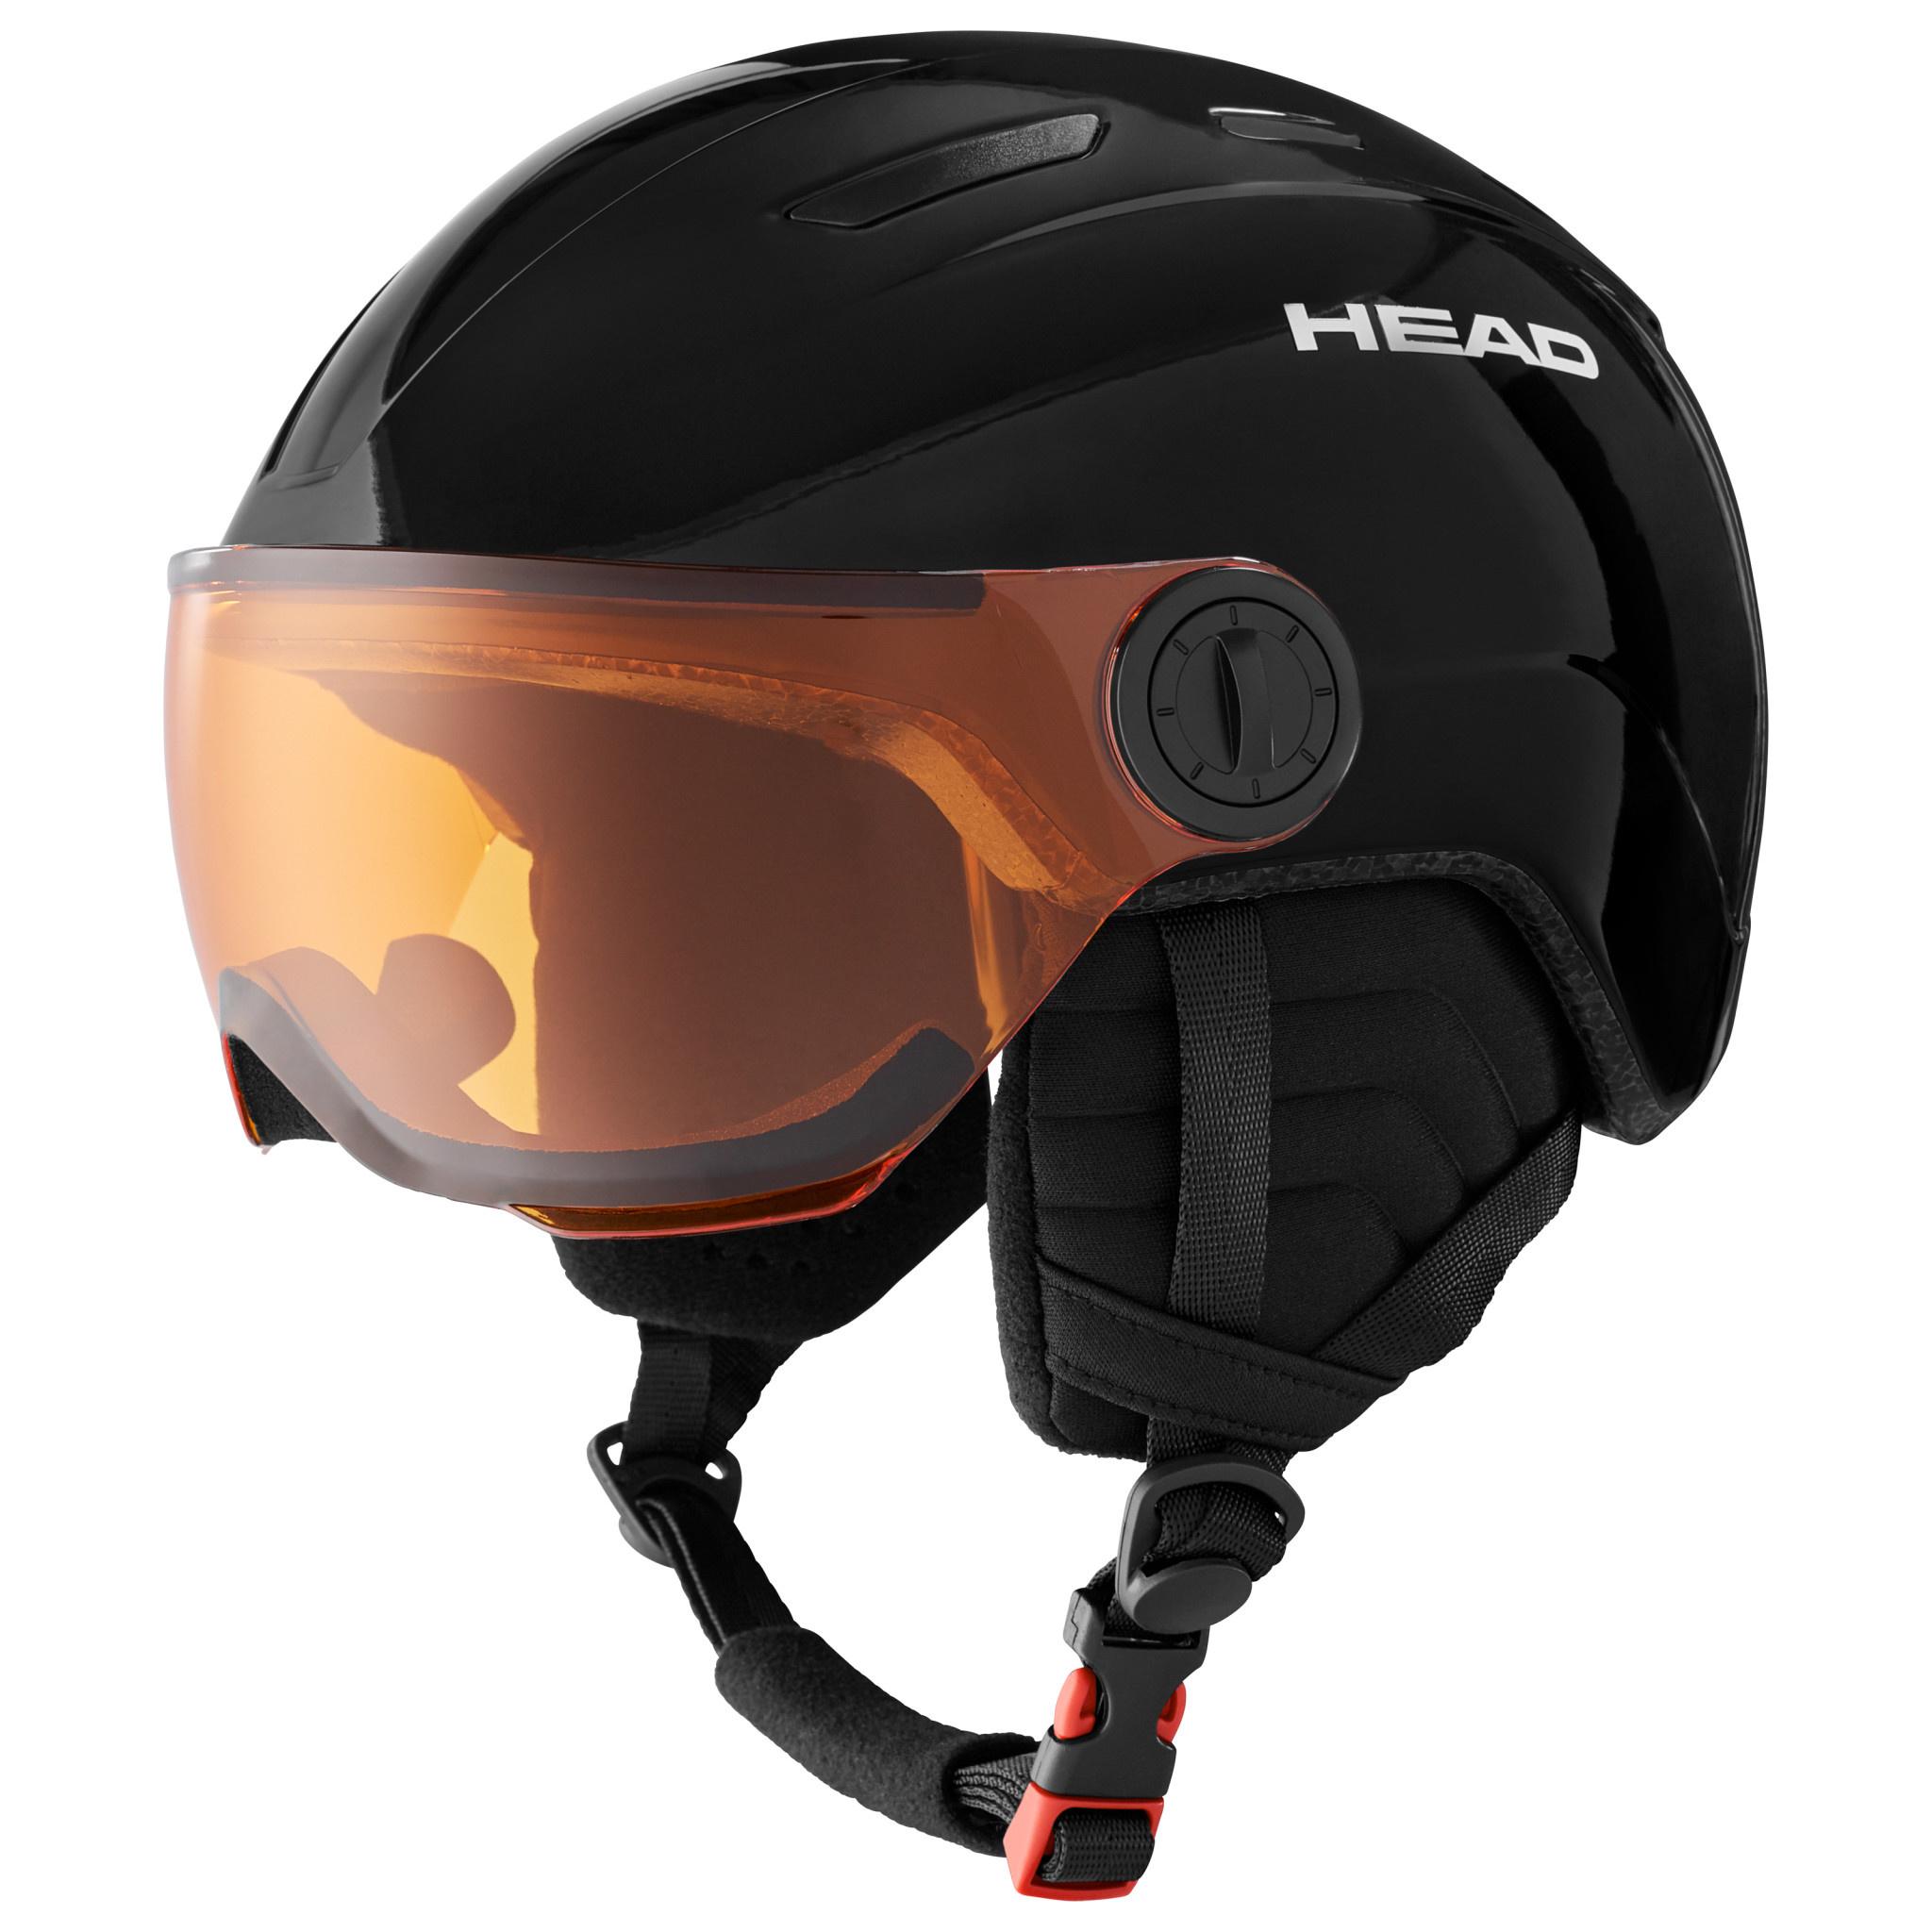 Head Head Youth Mojo Visor Snow Helmet